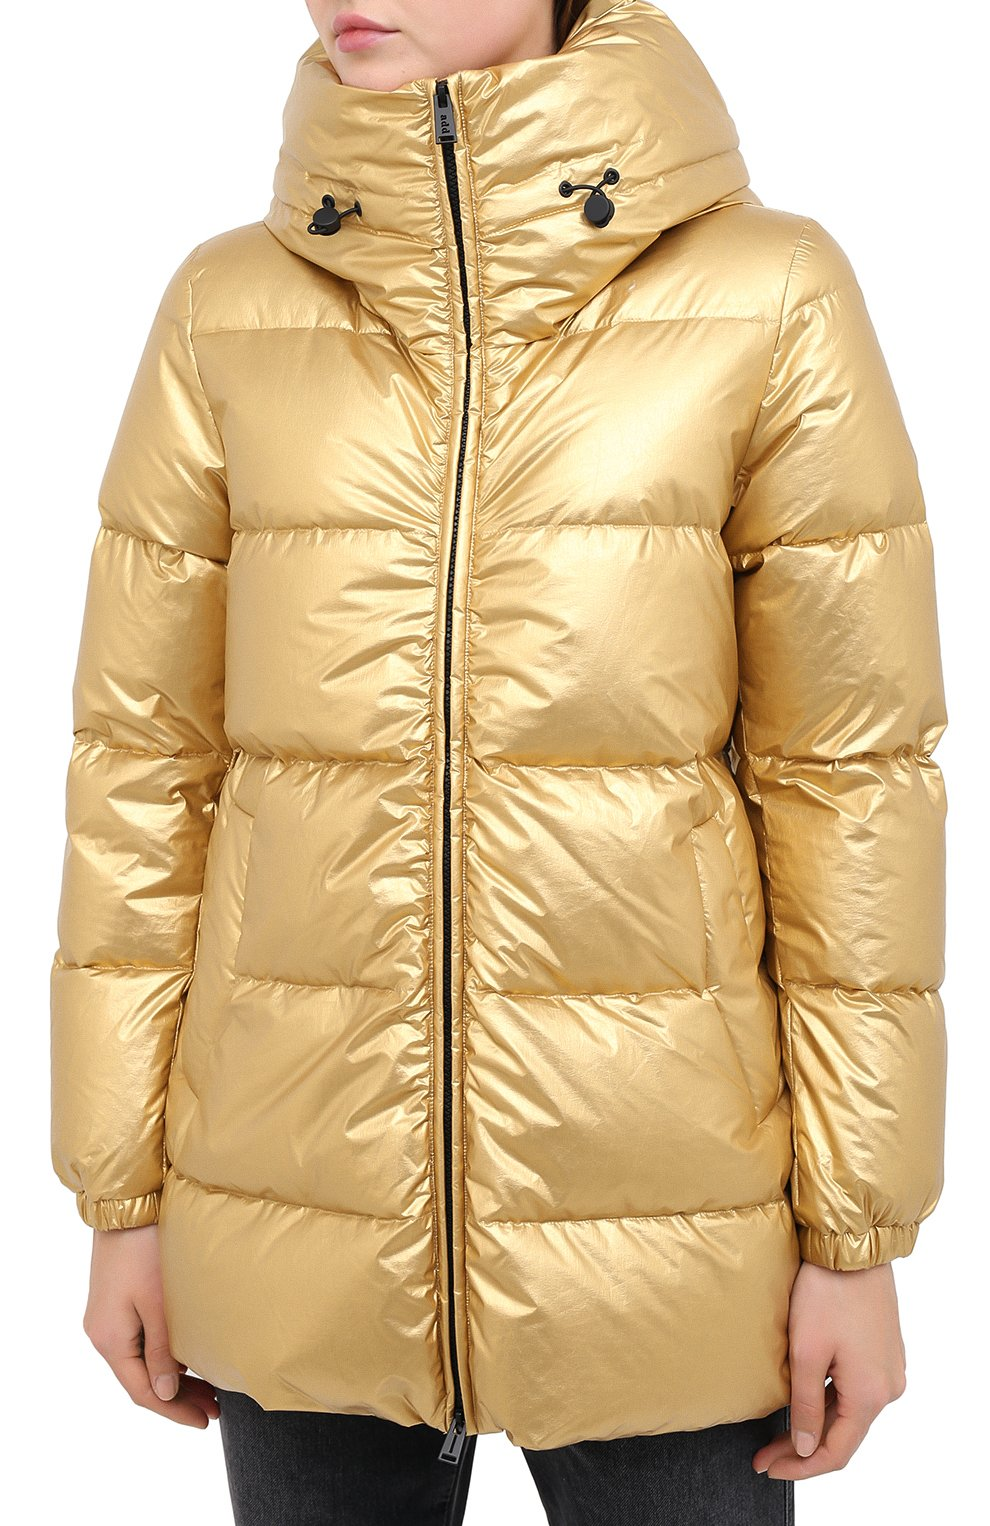 Женский пуховик ADD золотого цвета, арт. 2AWAM30 | Фото 3 (Рукава: Длинные; Материал внешний: Синтетический материал; Кросс-КТ: Пуховик; Материал подклада: Синтетический материал; Длина (верхняя одежда): Короткие)